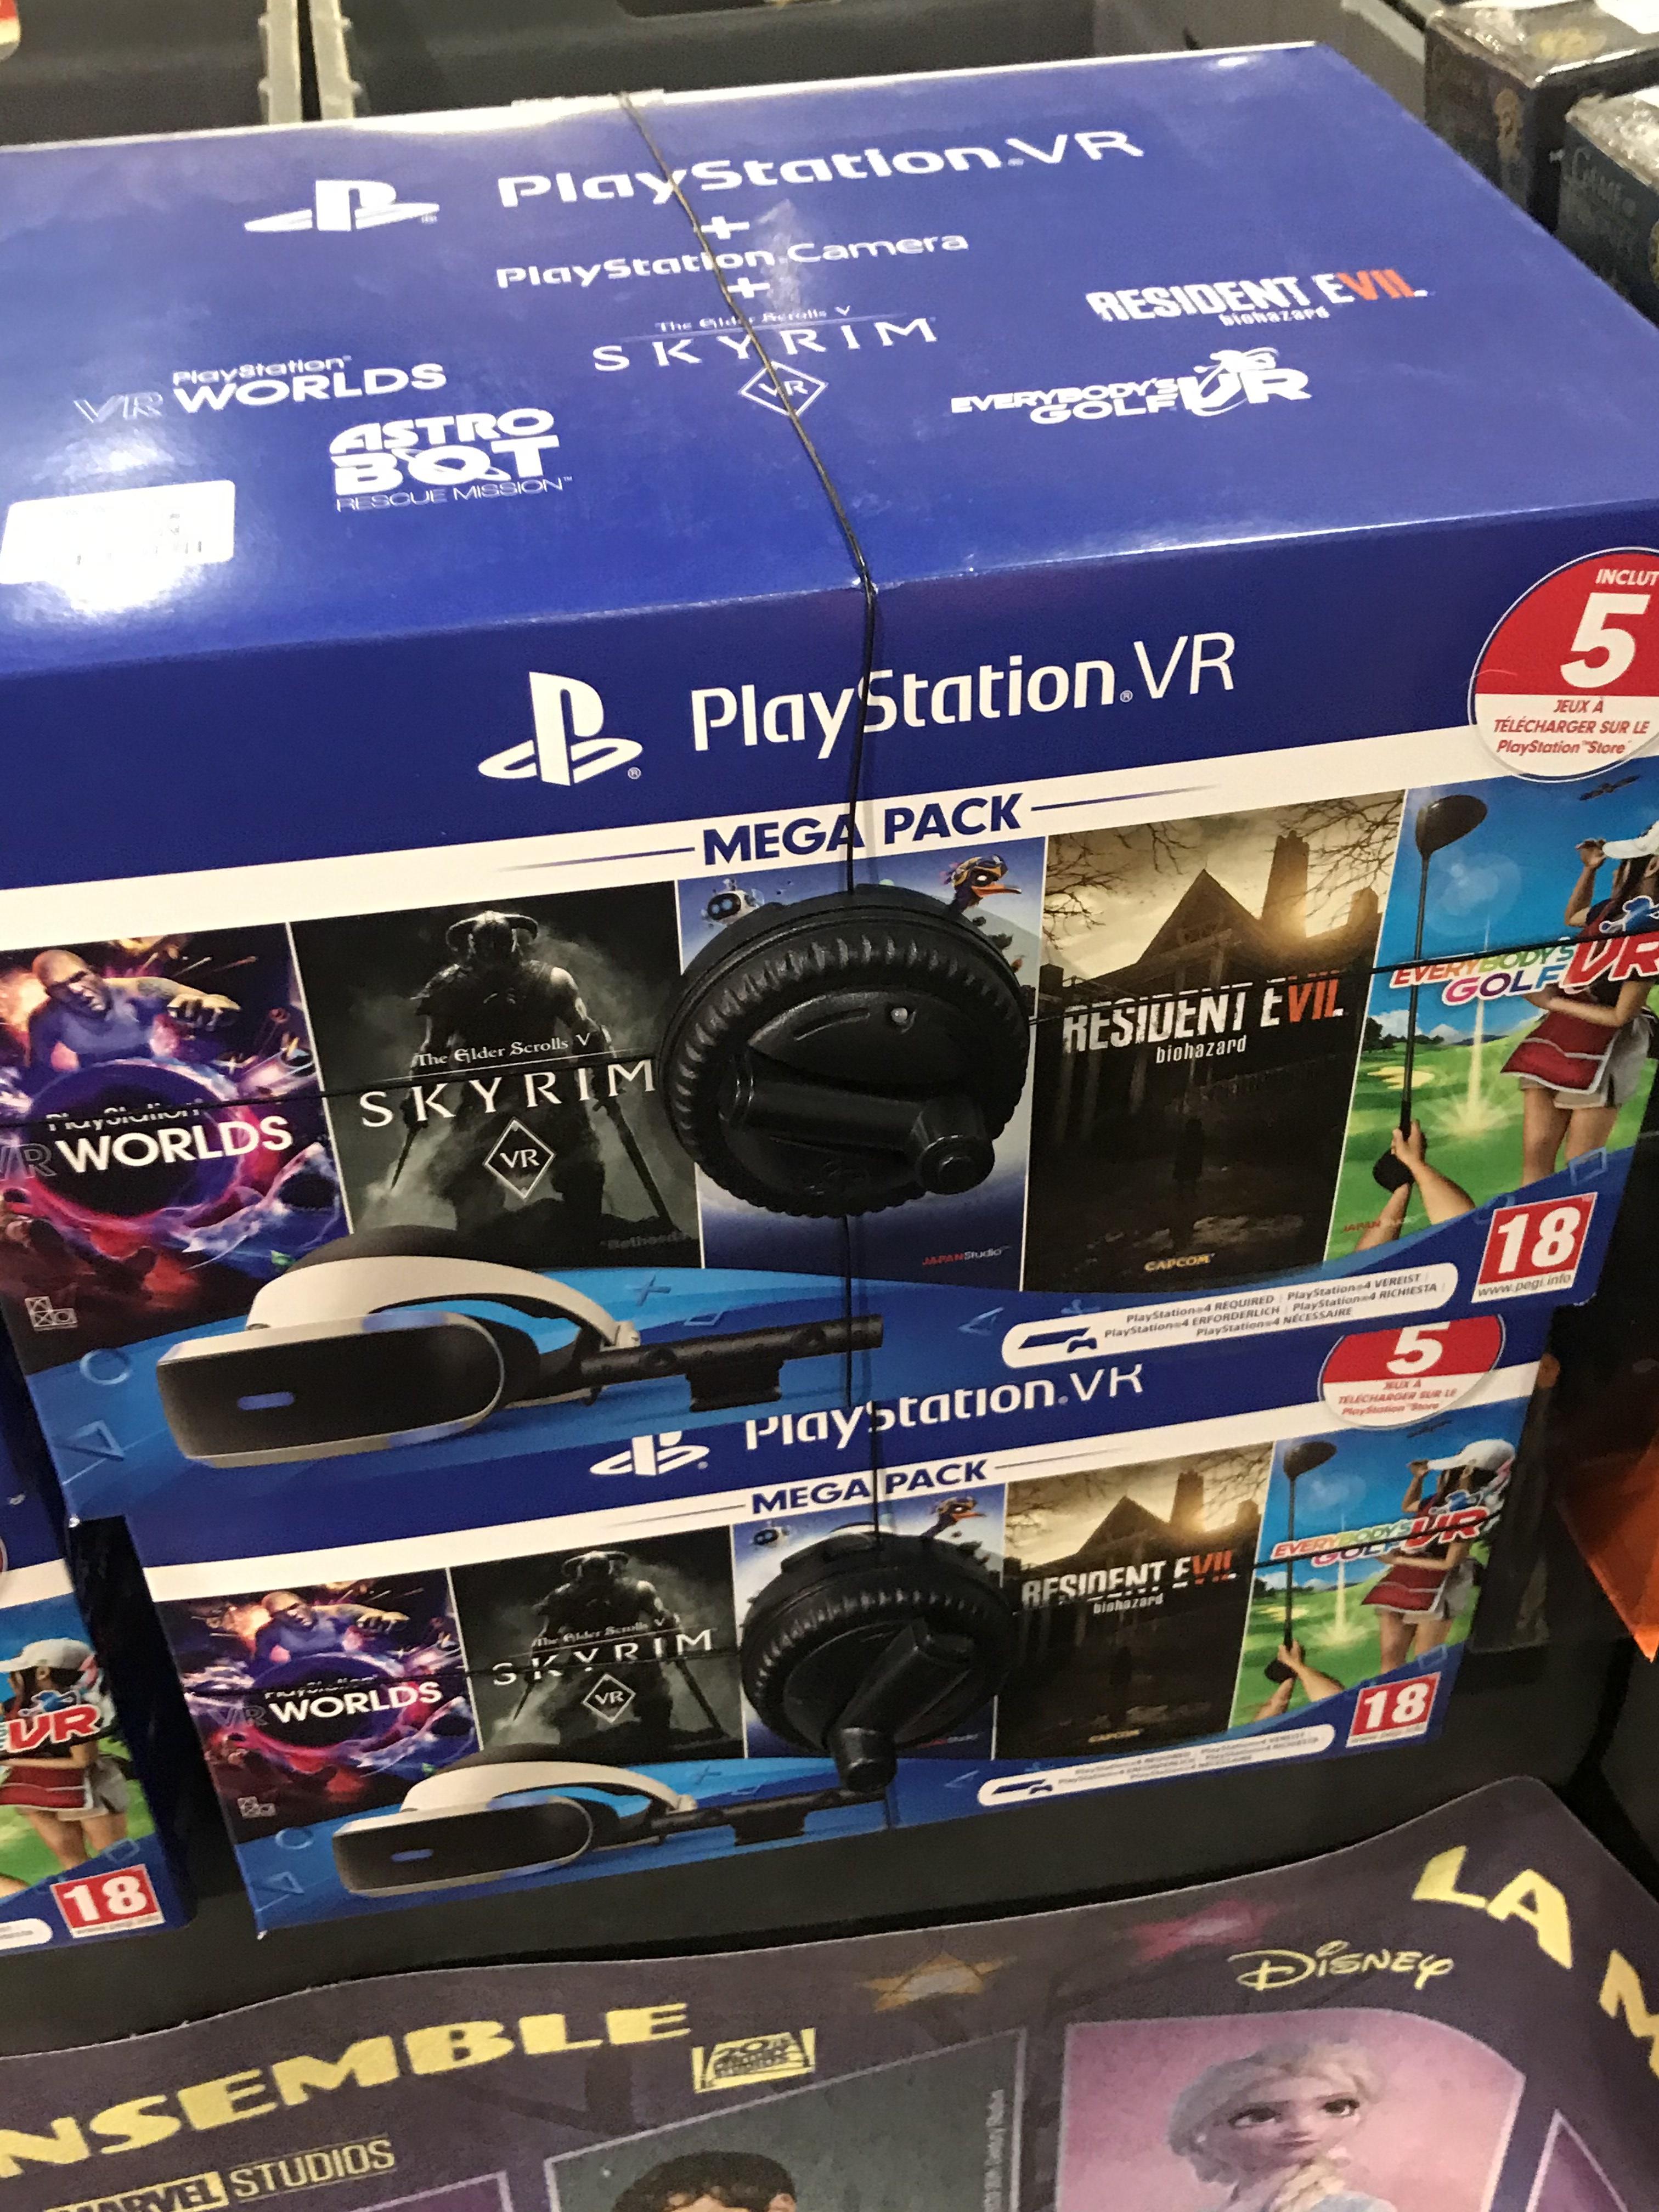 Pack PlayStation VR MK4 V2 : Casque VR + Caméra + 5 Jeux - Andrézieux (42)